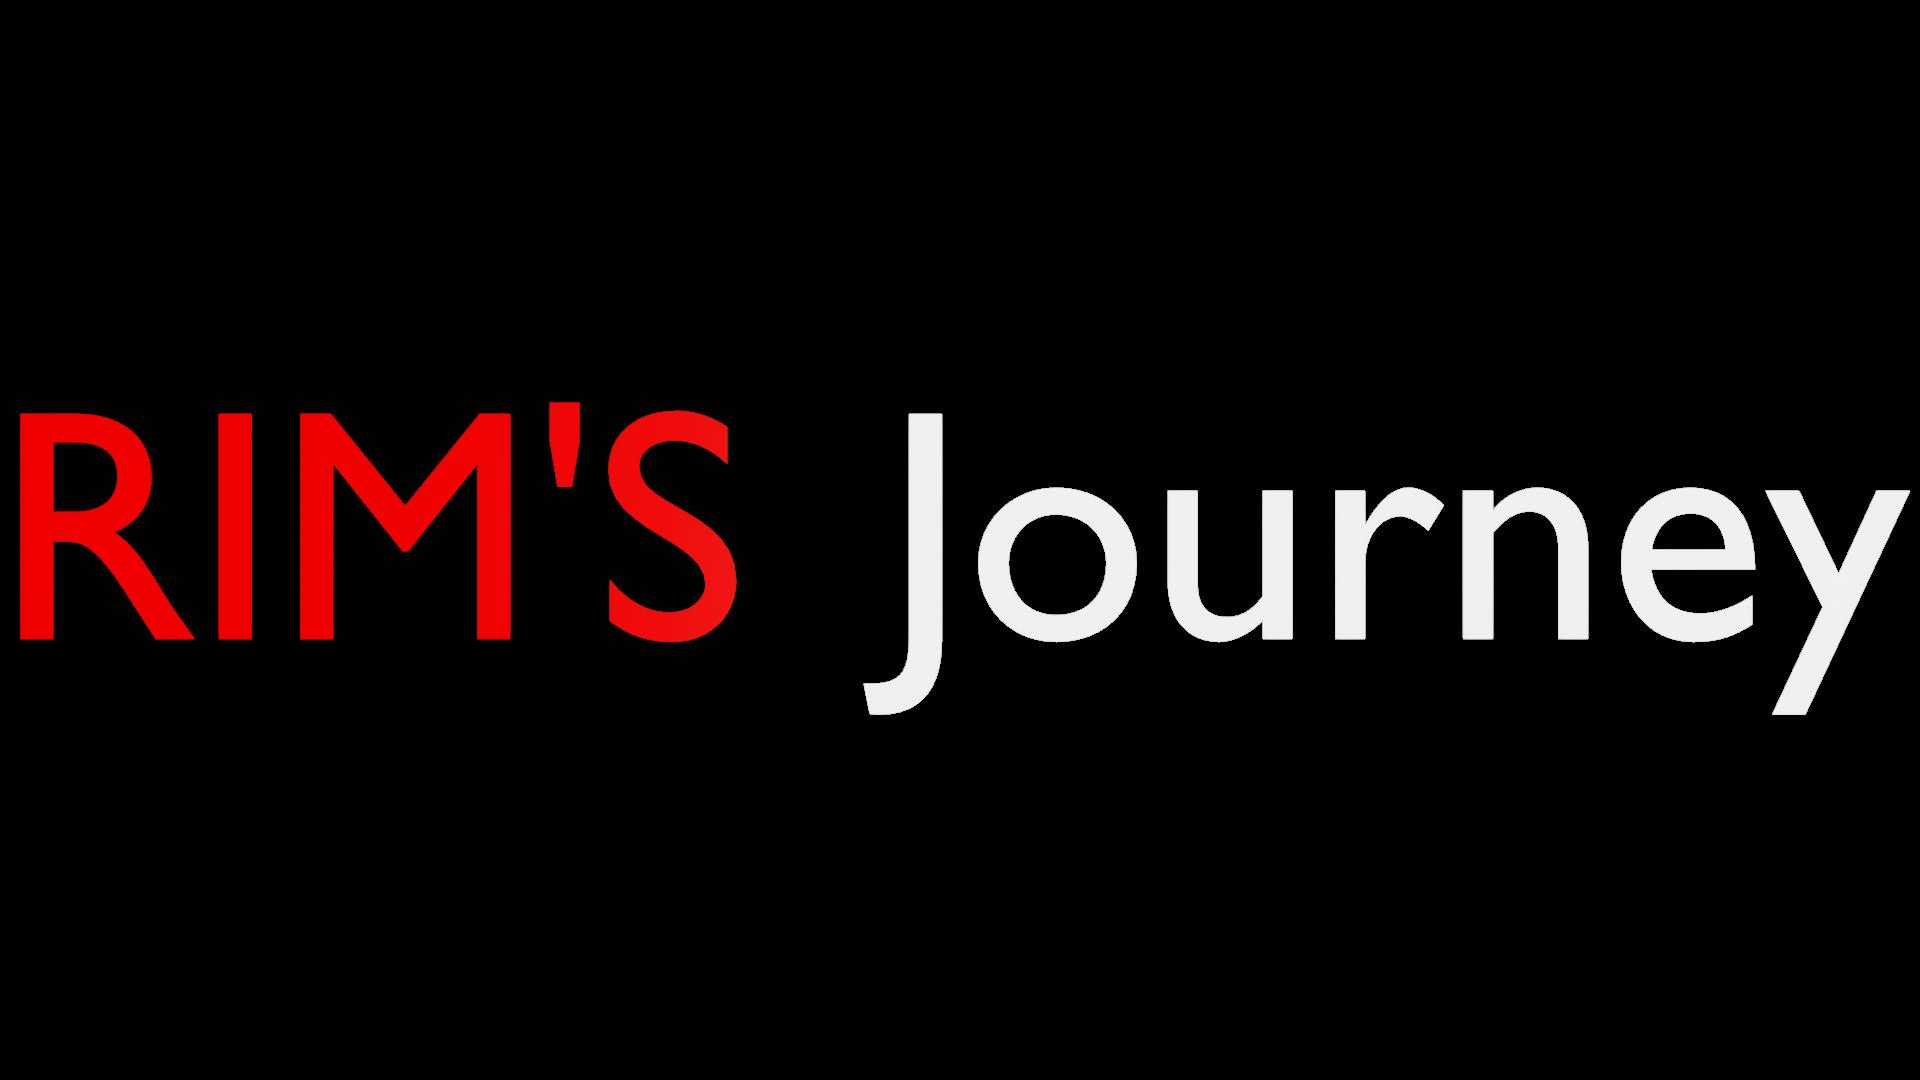 Rim's Journey